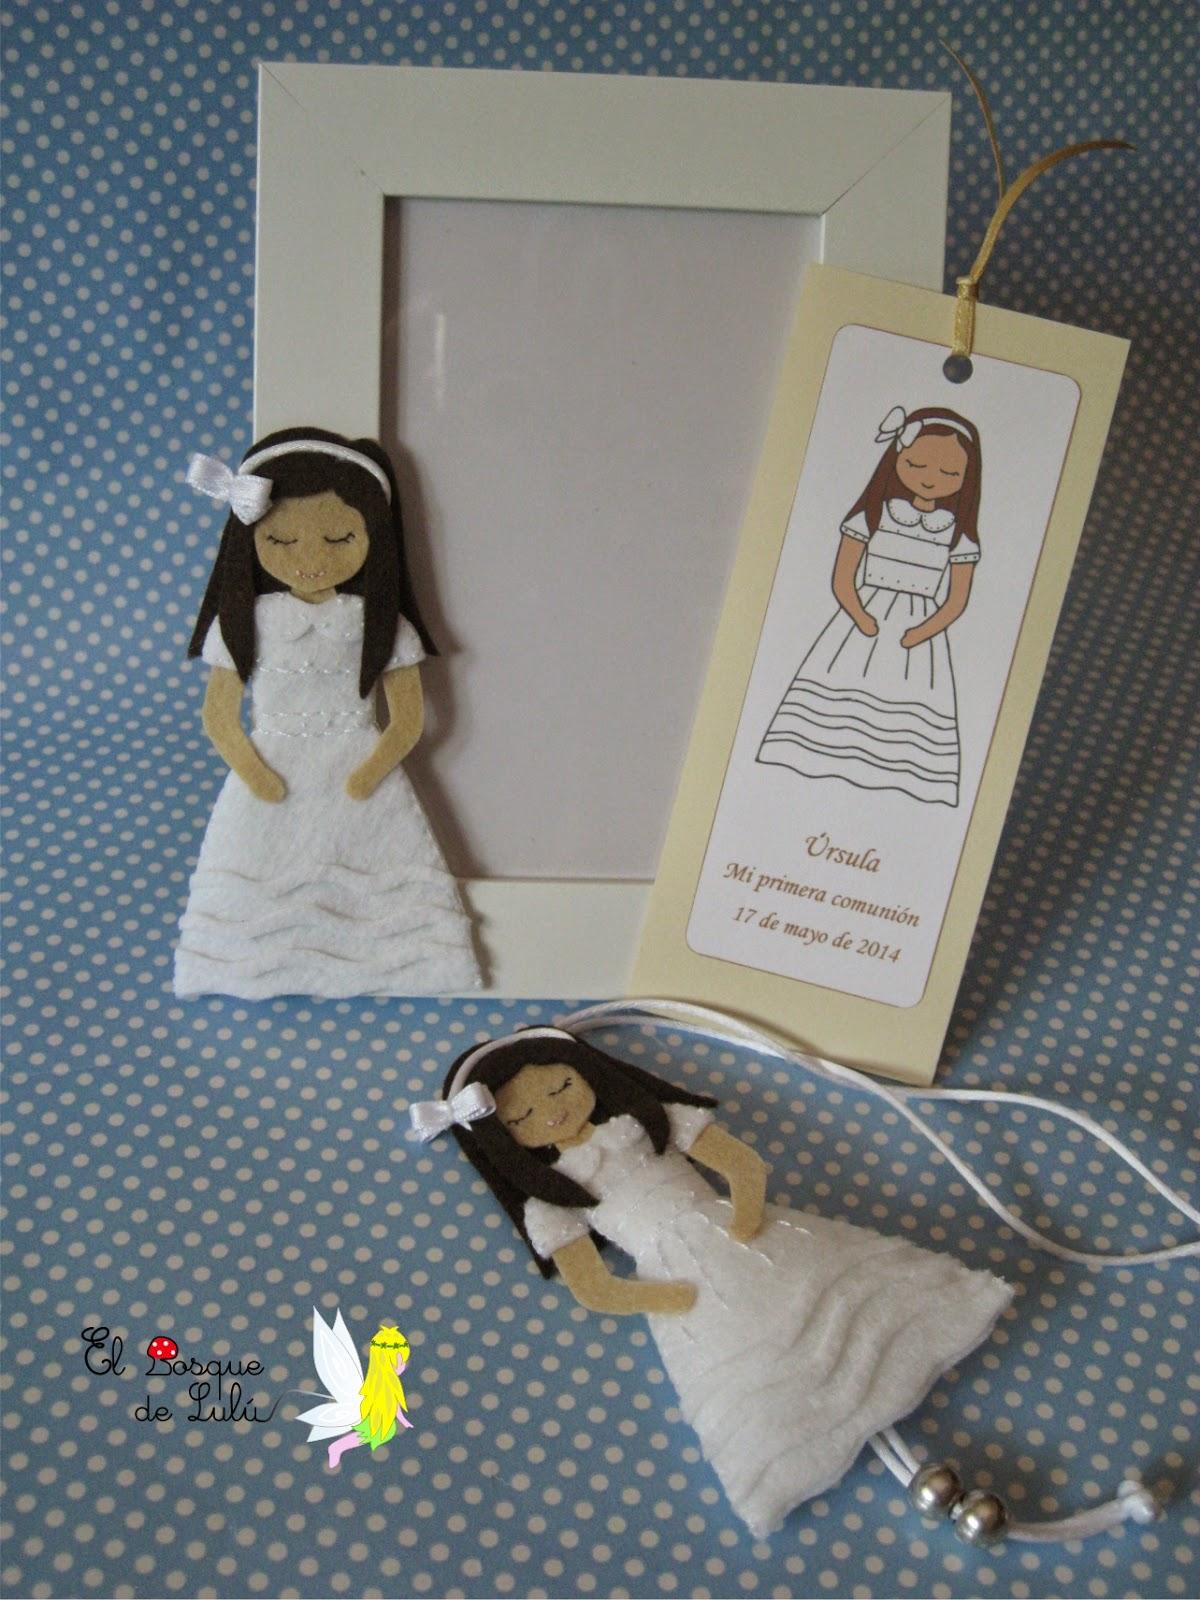 regalos-comunión-fieltro-personalizados-recordatorios-invitados-detalles